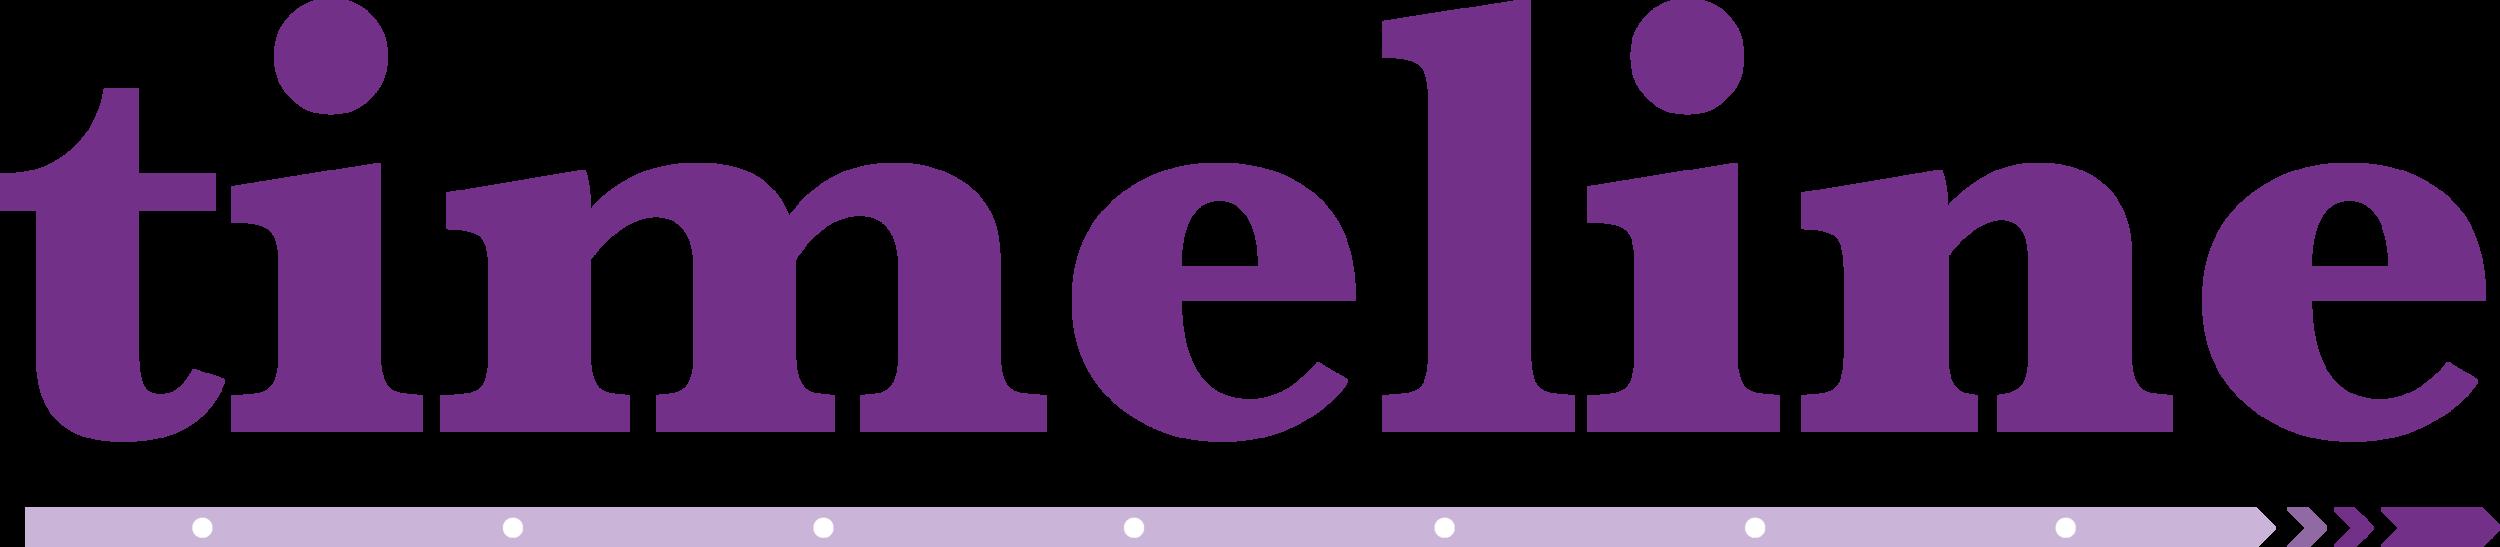 Timeline logo2.png